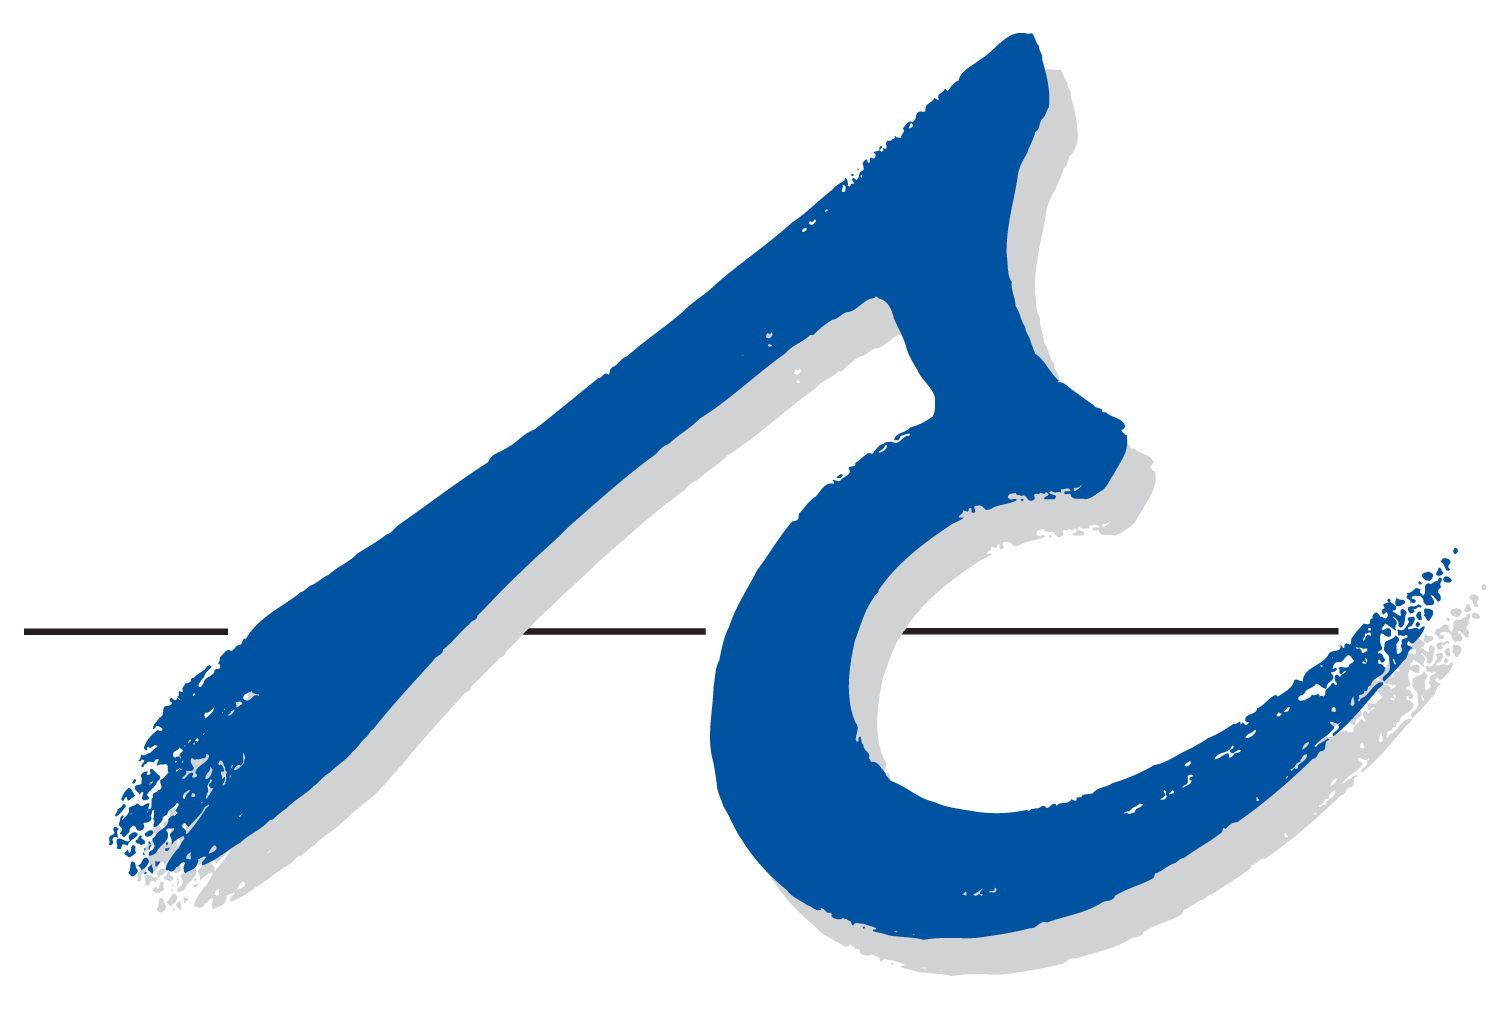 Alton Tangedal Architect Ltd.